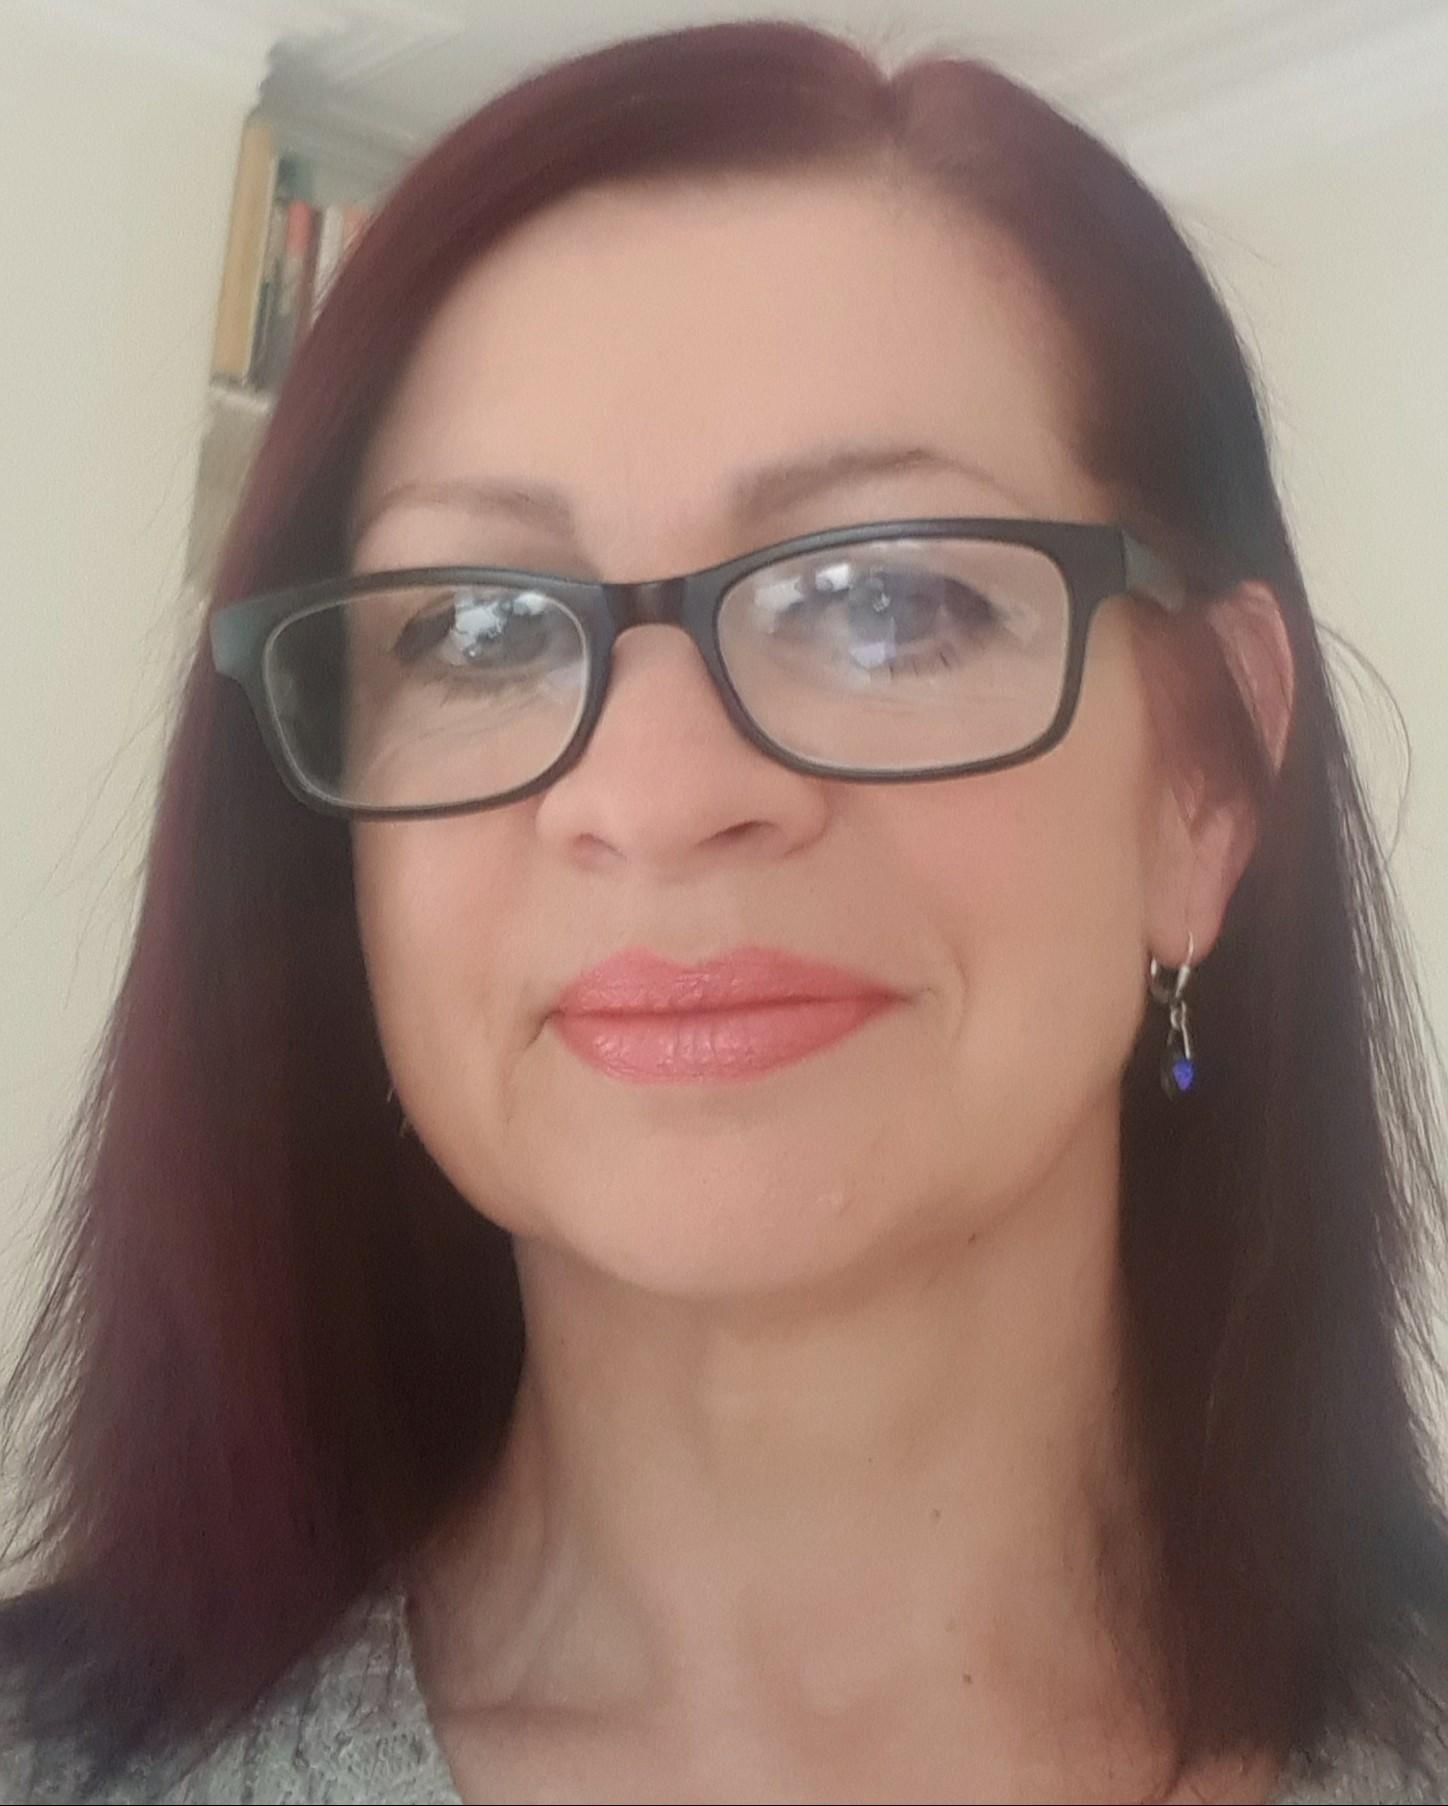 Celia Baines